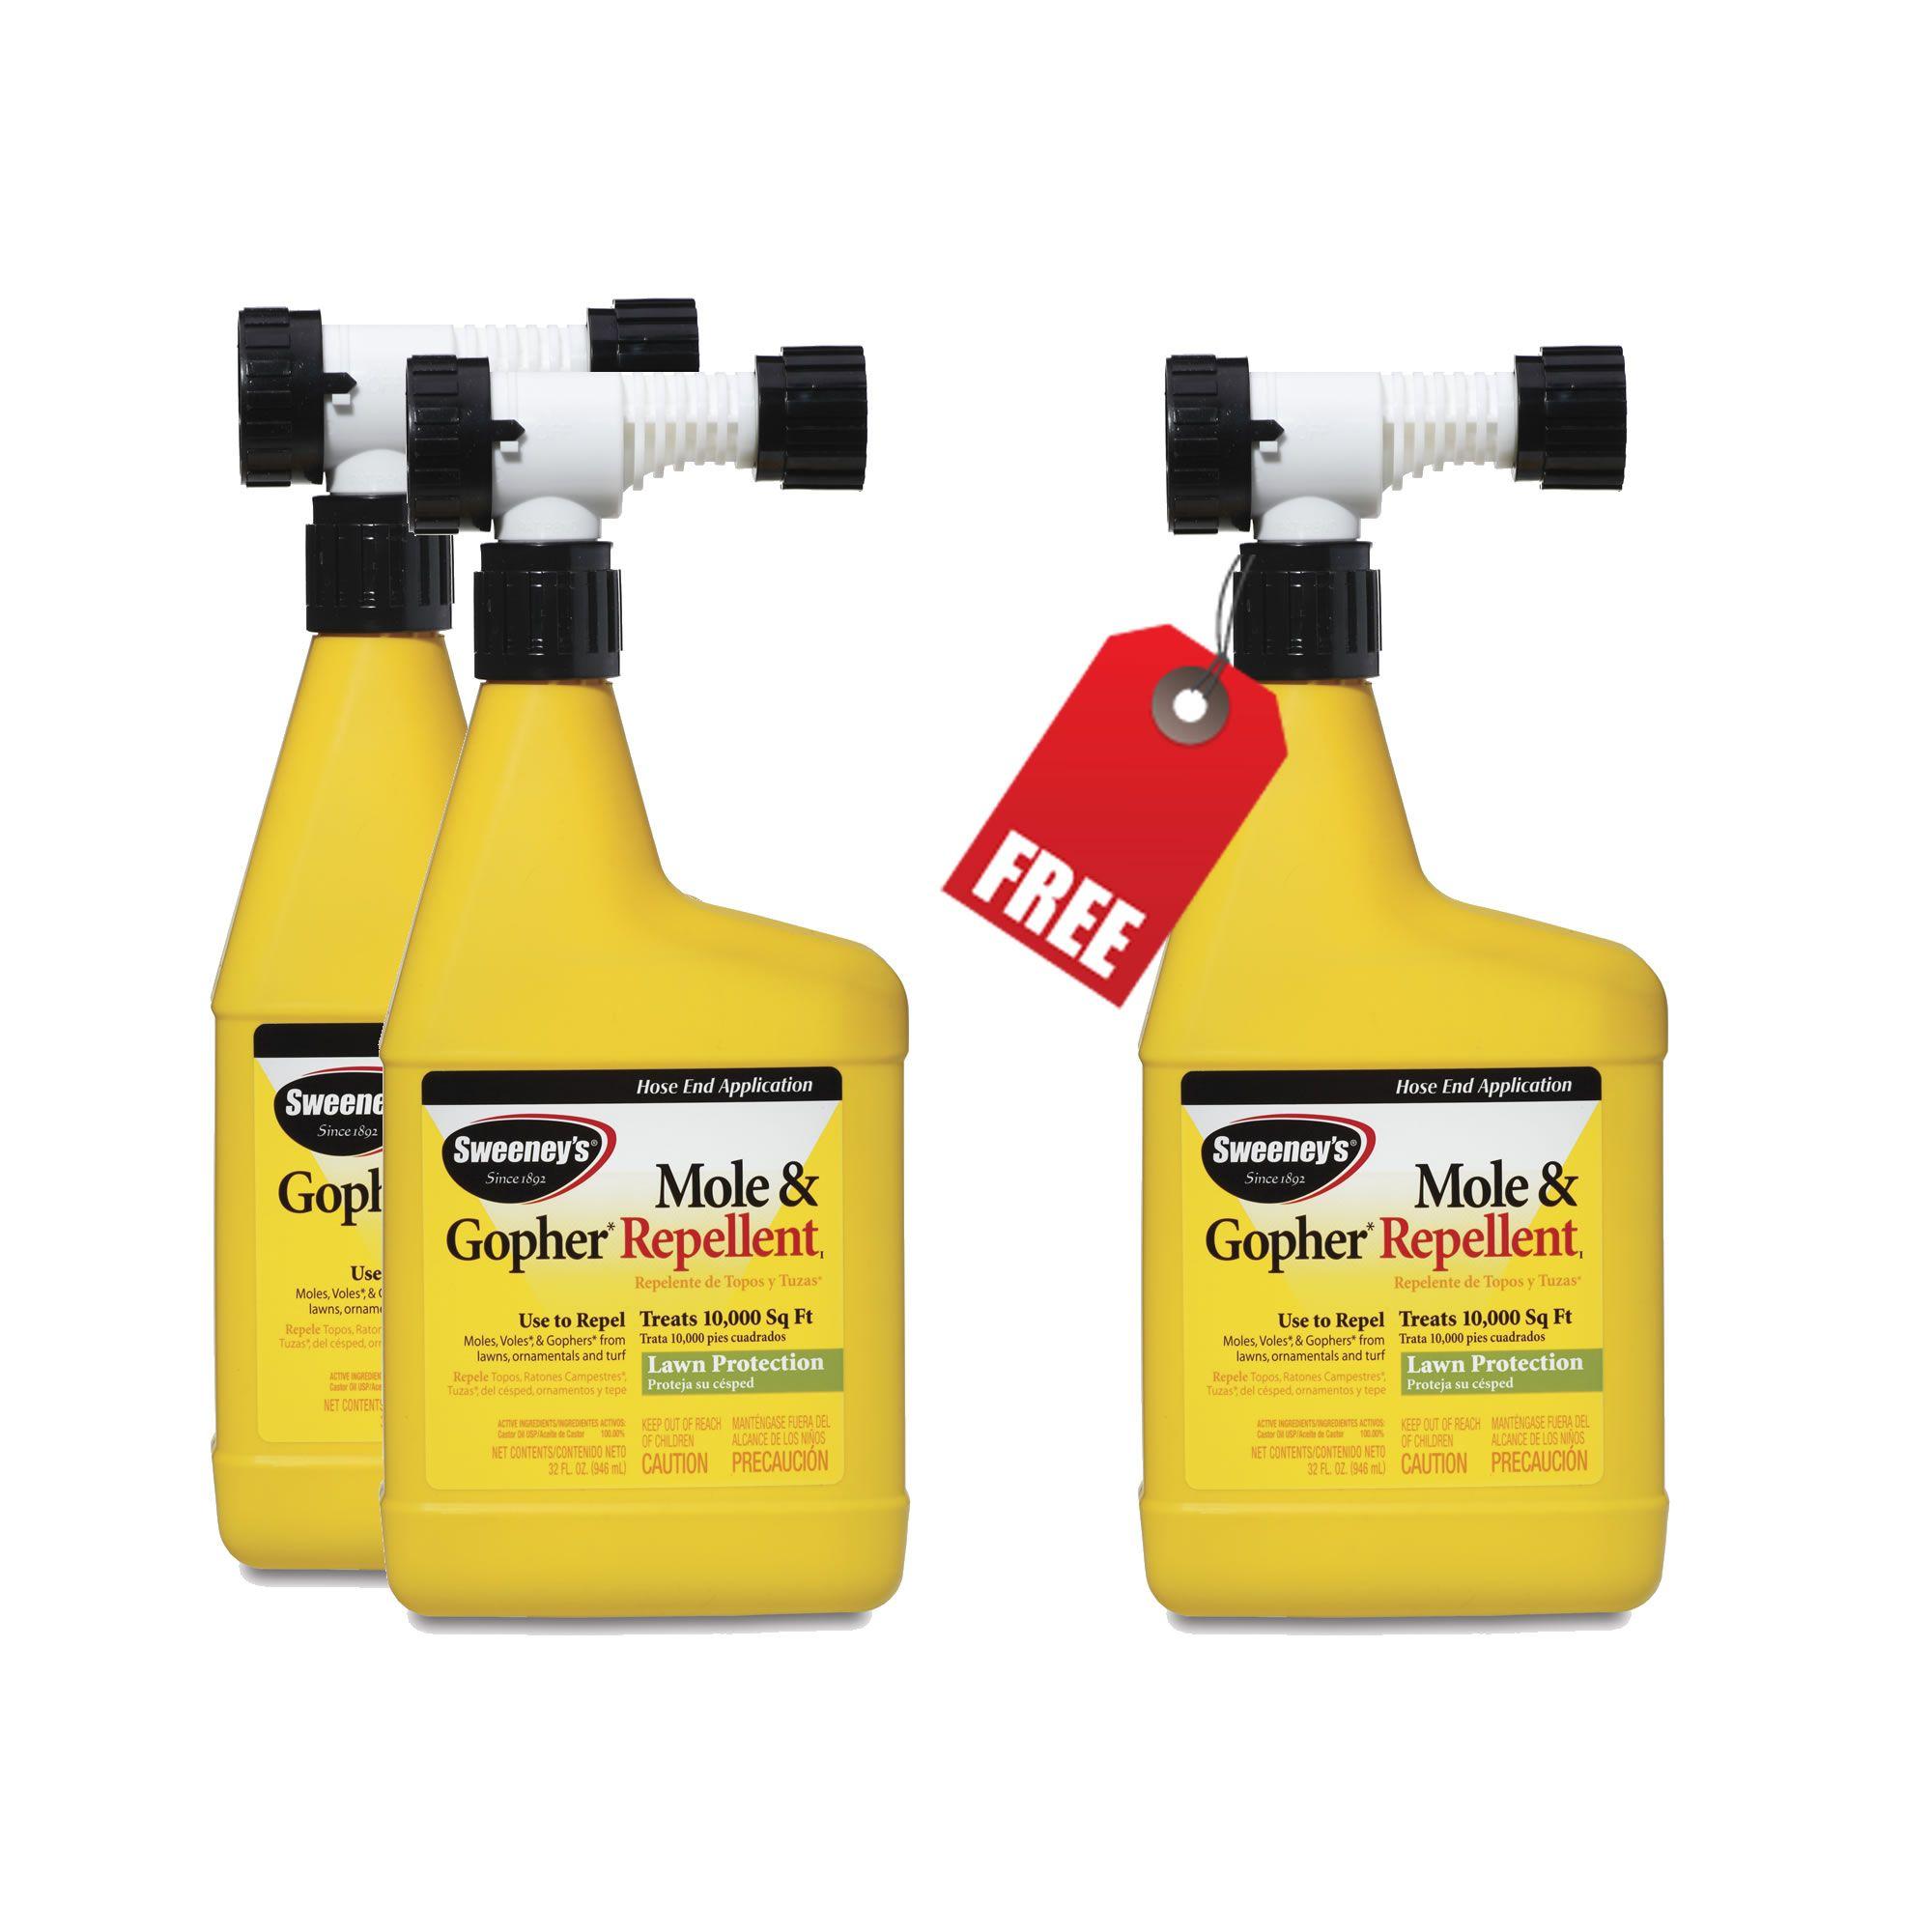 Sweeney's® Mole & Gopher Repellent Yard Spray